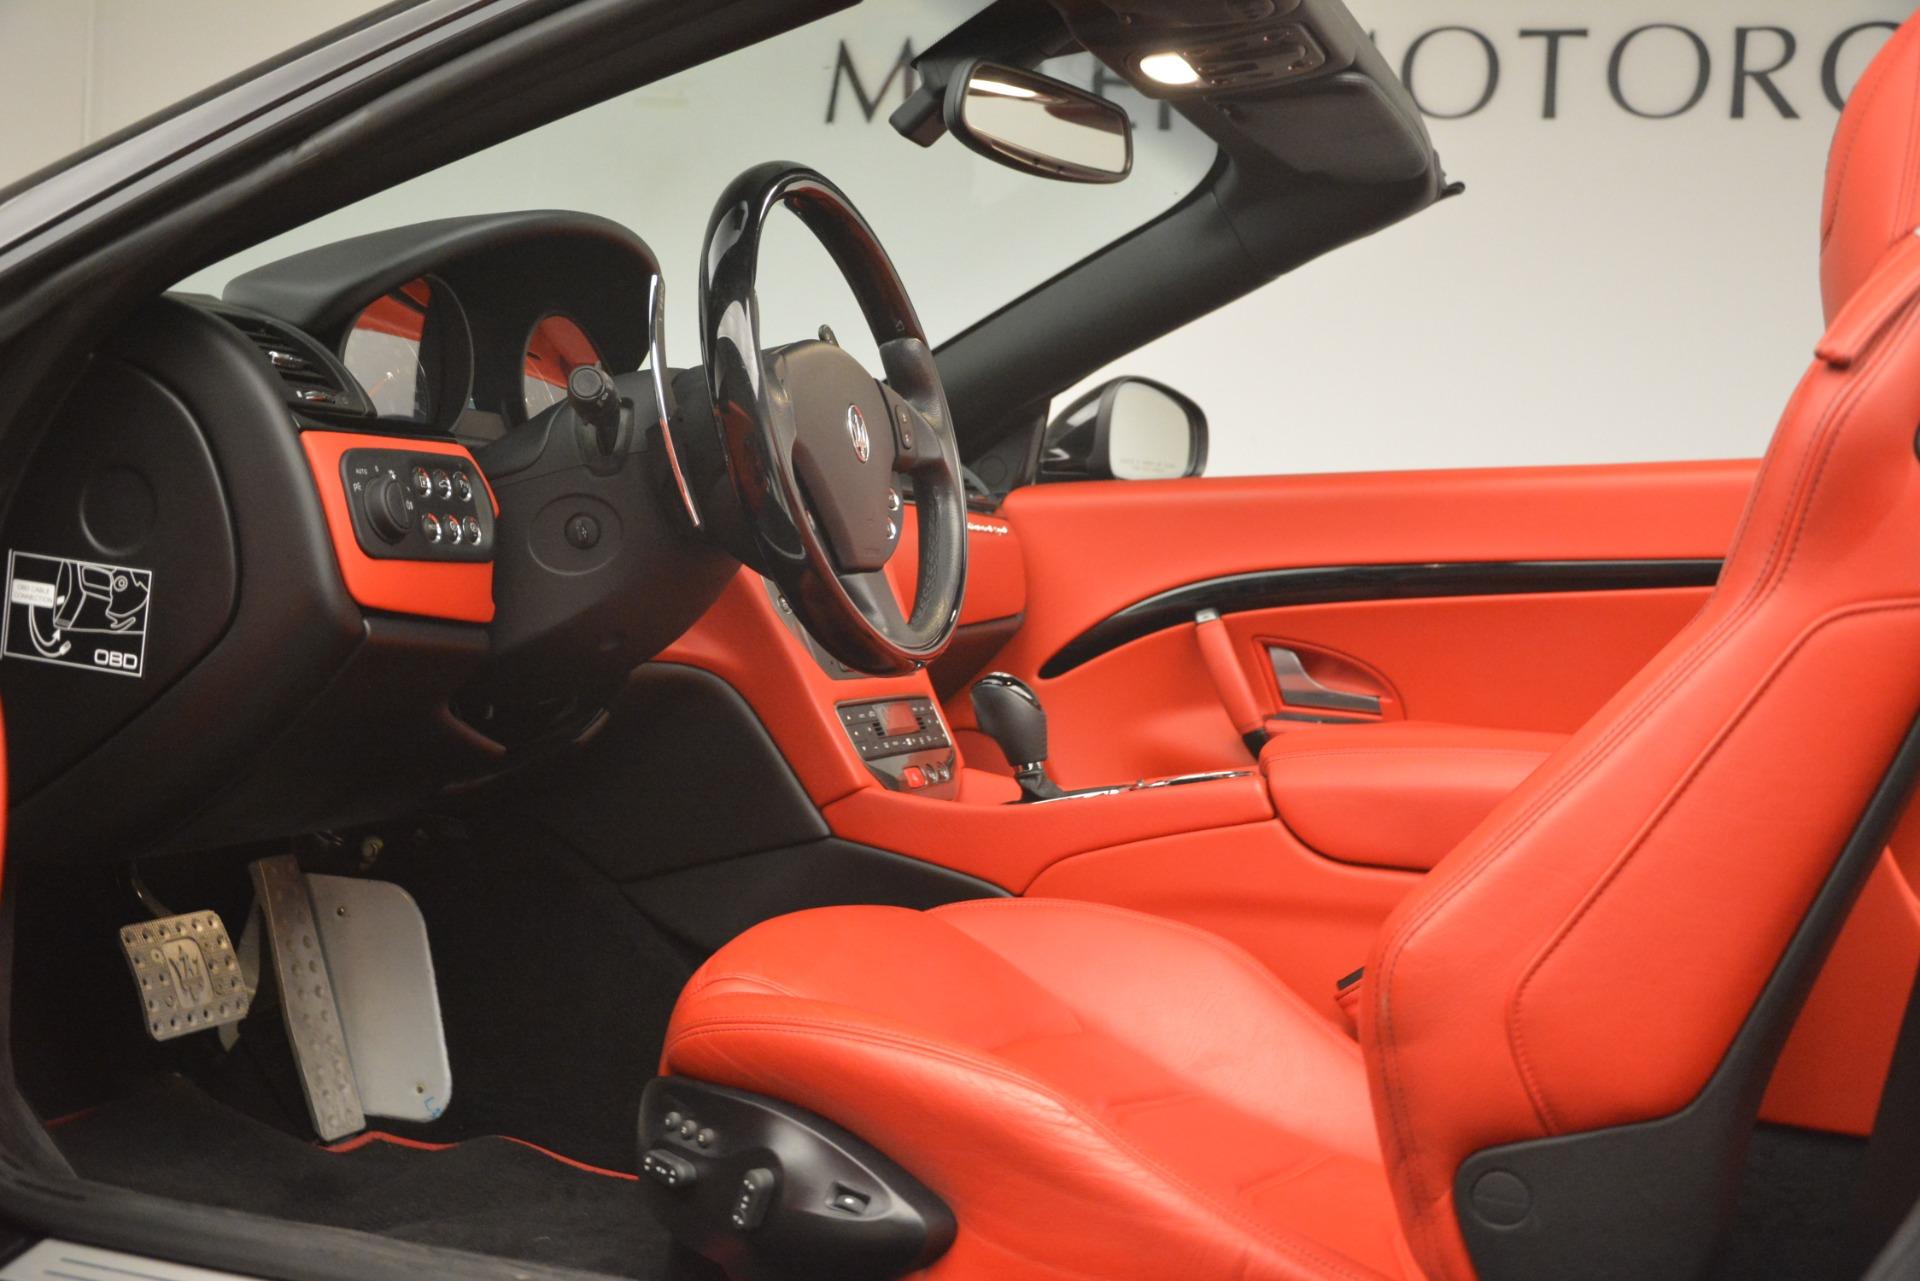 Used 2015 Maserati GranTurismo Sport For Sale In Westport, CT 3085_p26